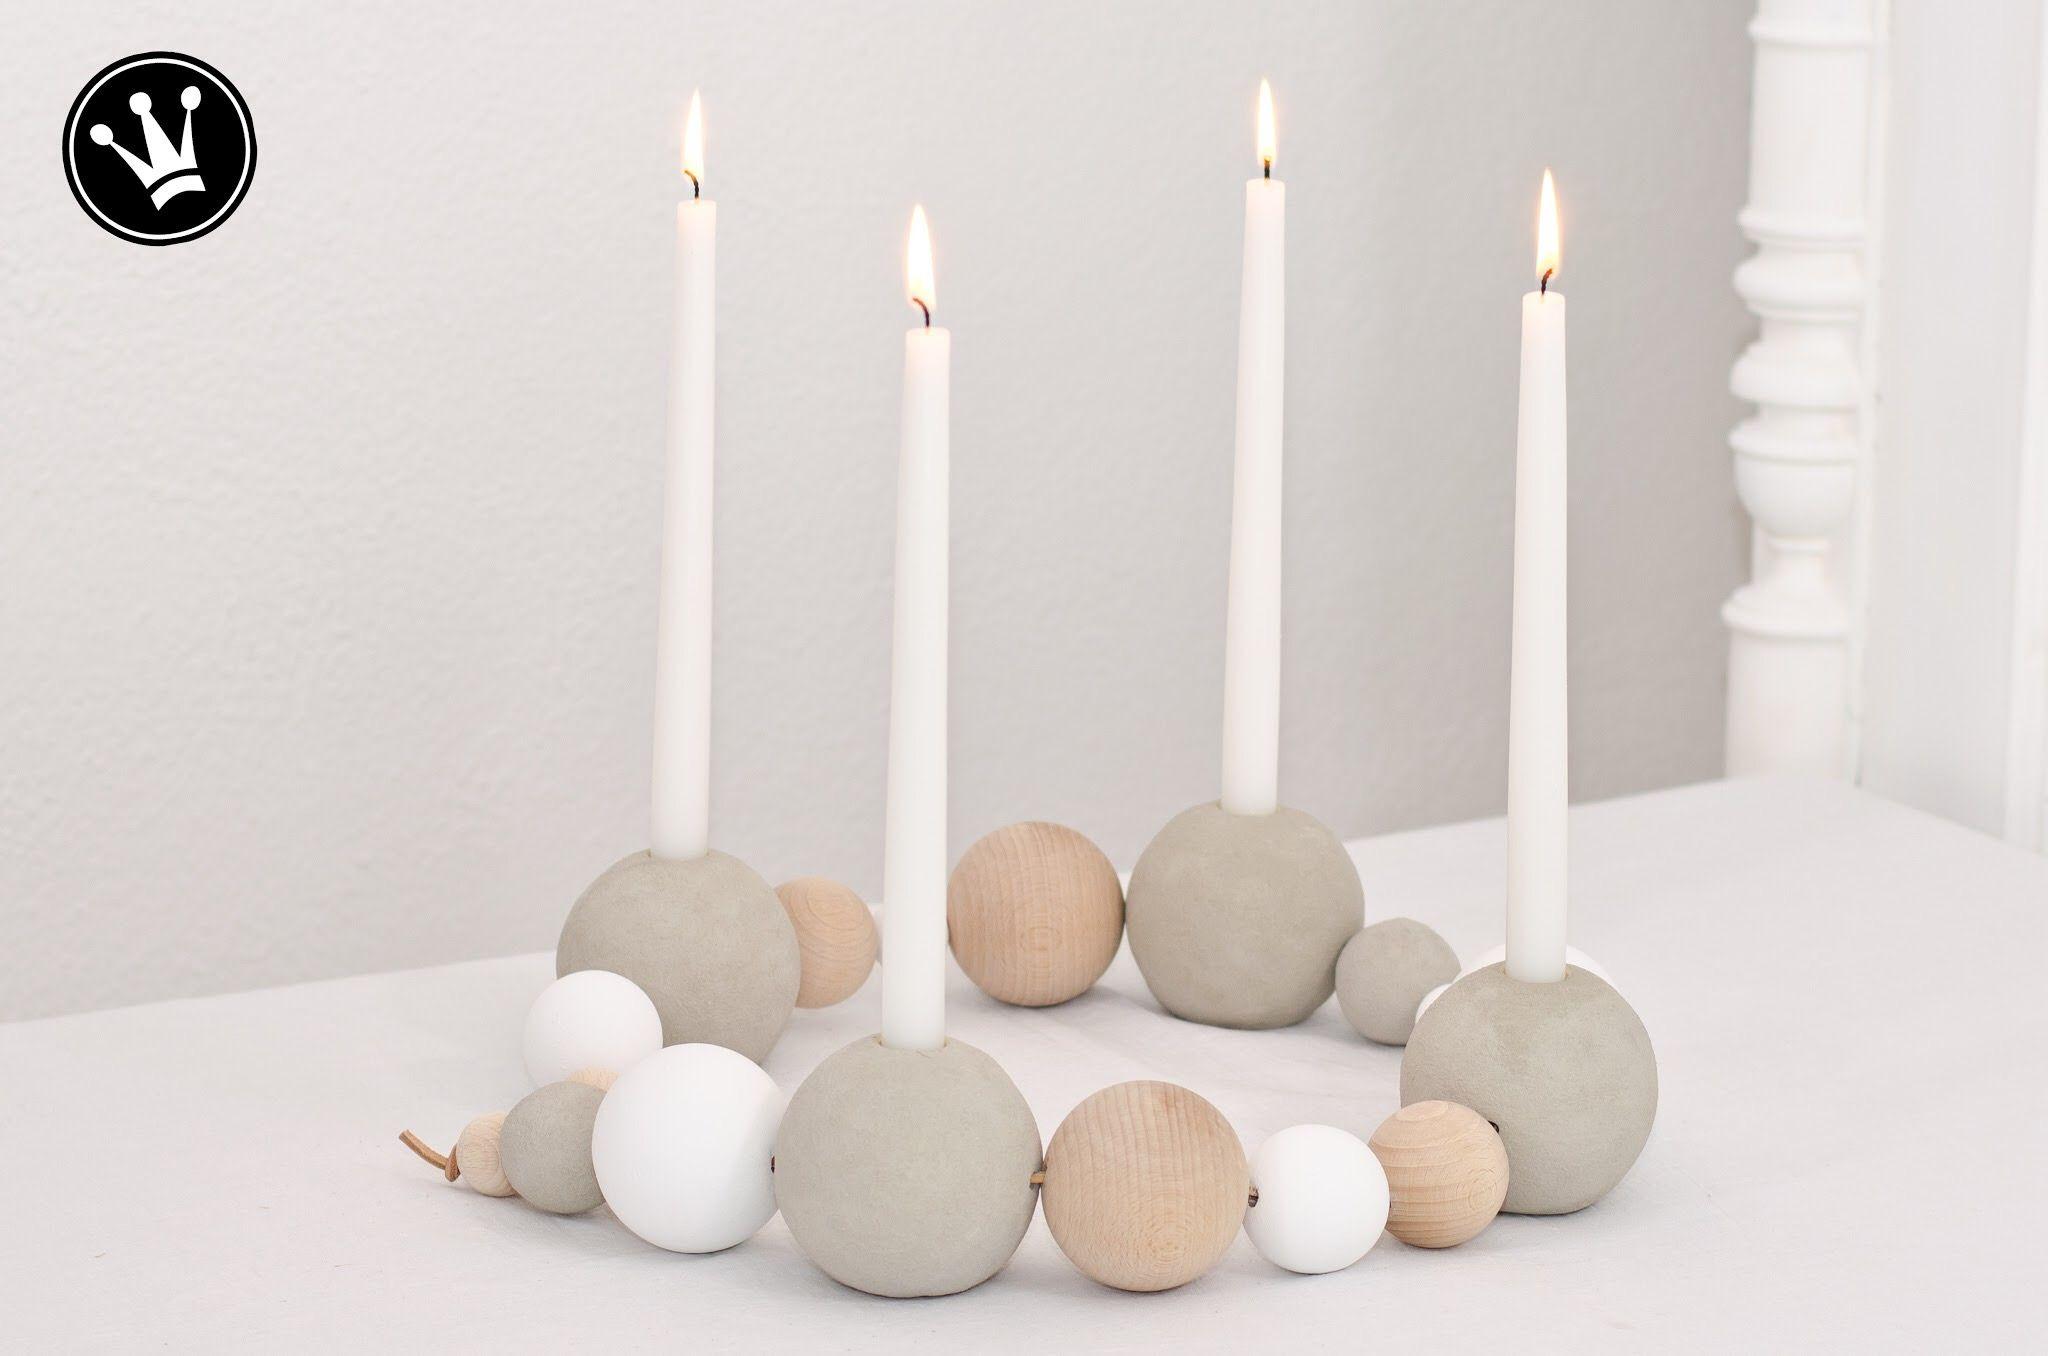 diy holz und betonkugel adventskranz im scandi design aus holz und betonkugeln selber machen. Black Bedroom Furniture Sets. Home Design Ideas